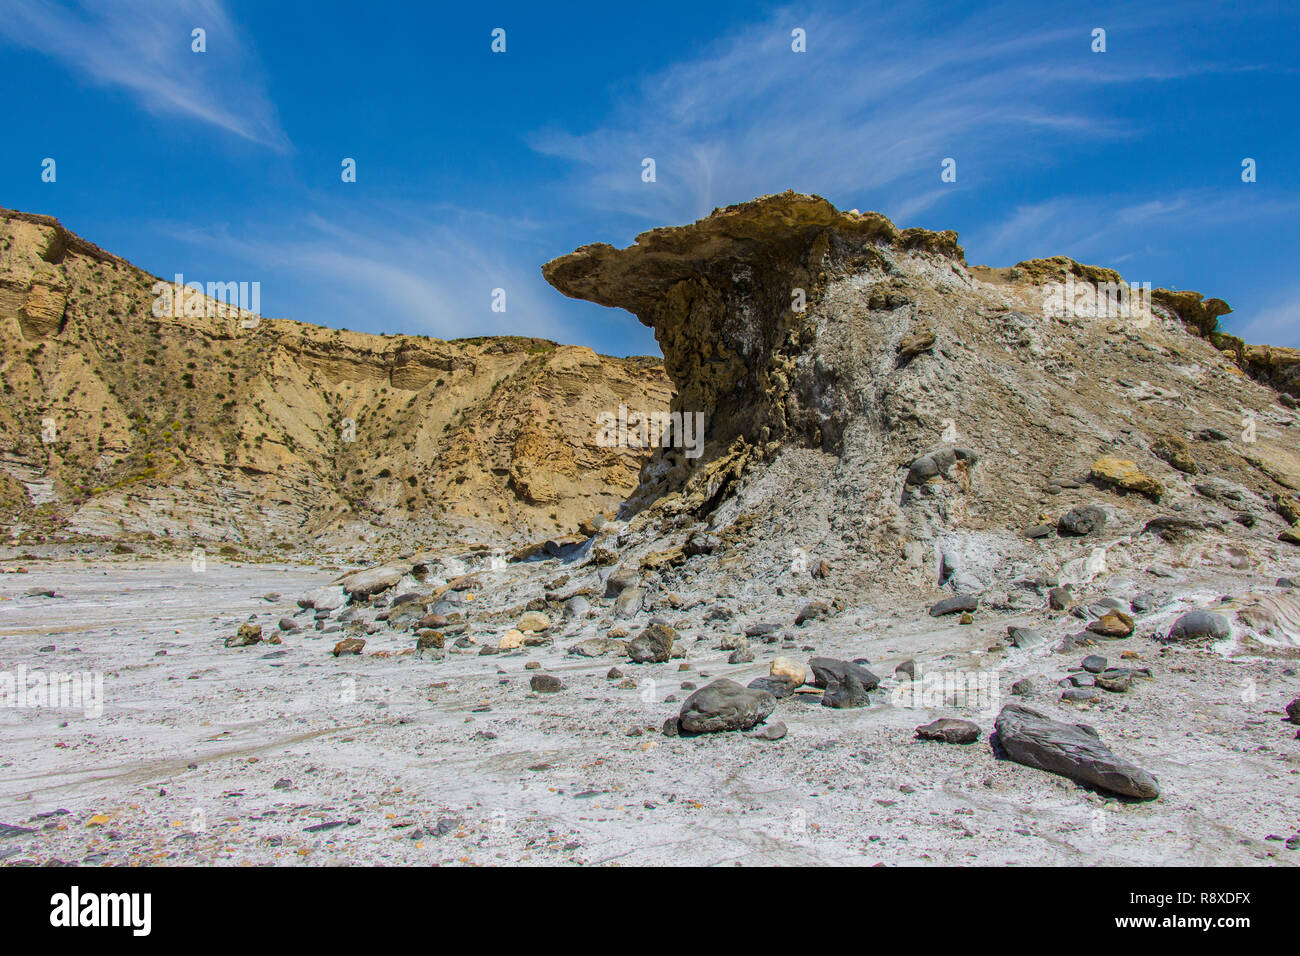 salt pan in desert, mountain in the tavernas desert, rocks in the desert of almeria, region of andalucia, spain - Stock Image